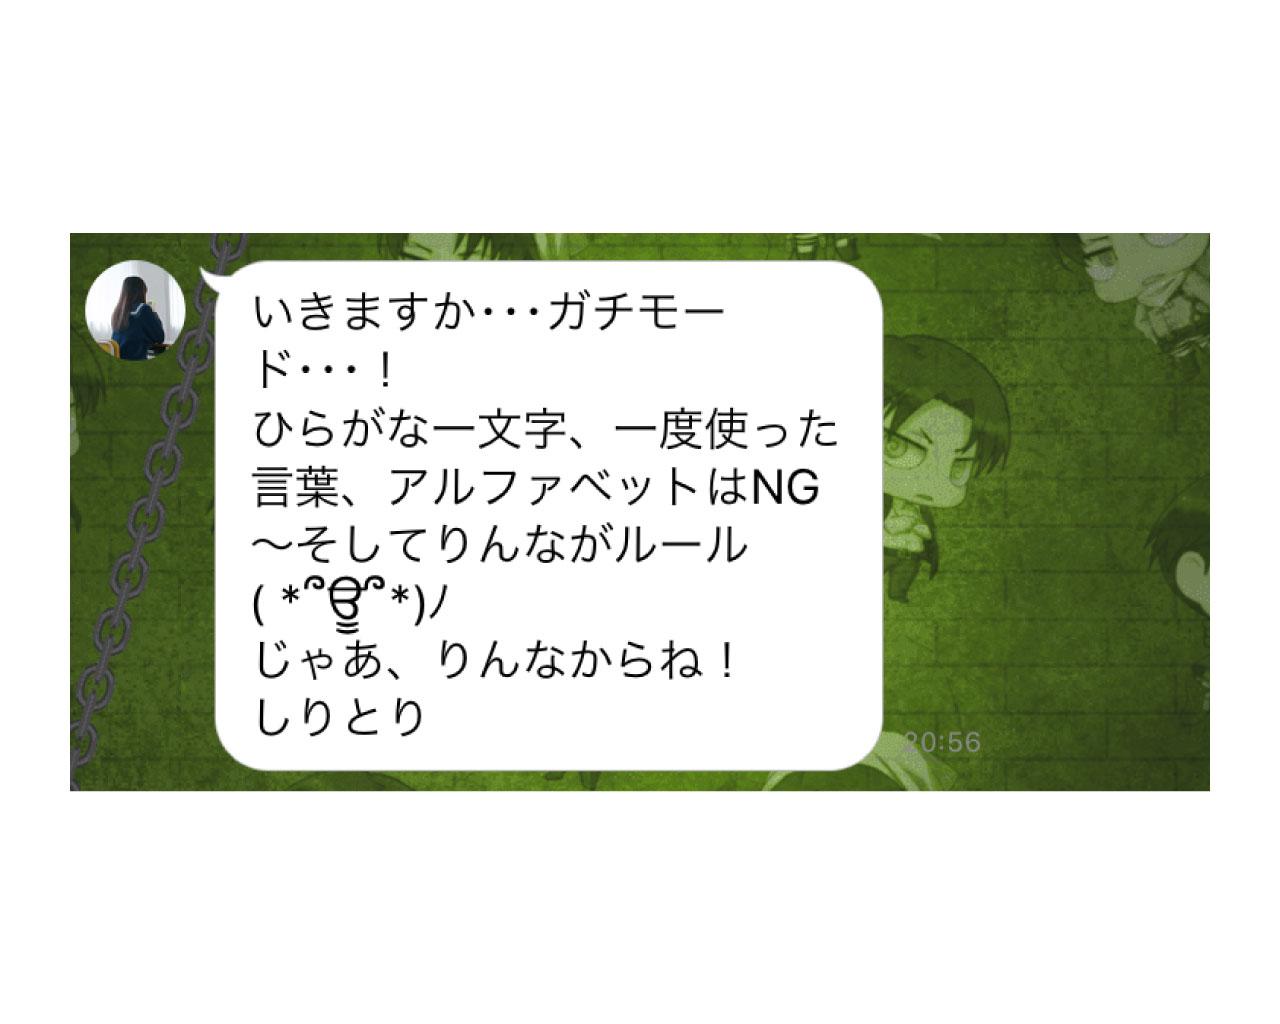 ms-rinna-shiritori-japanese-word-chain-game-4